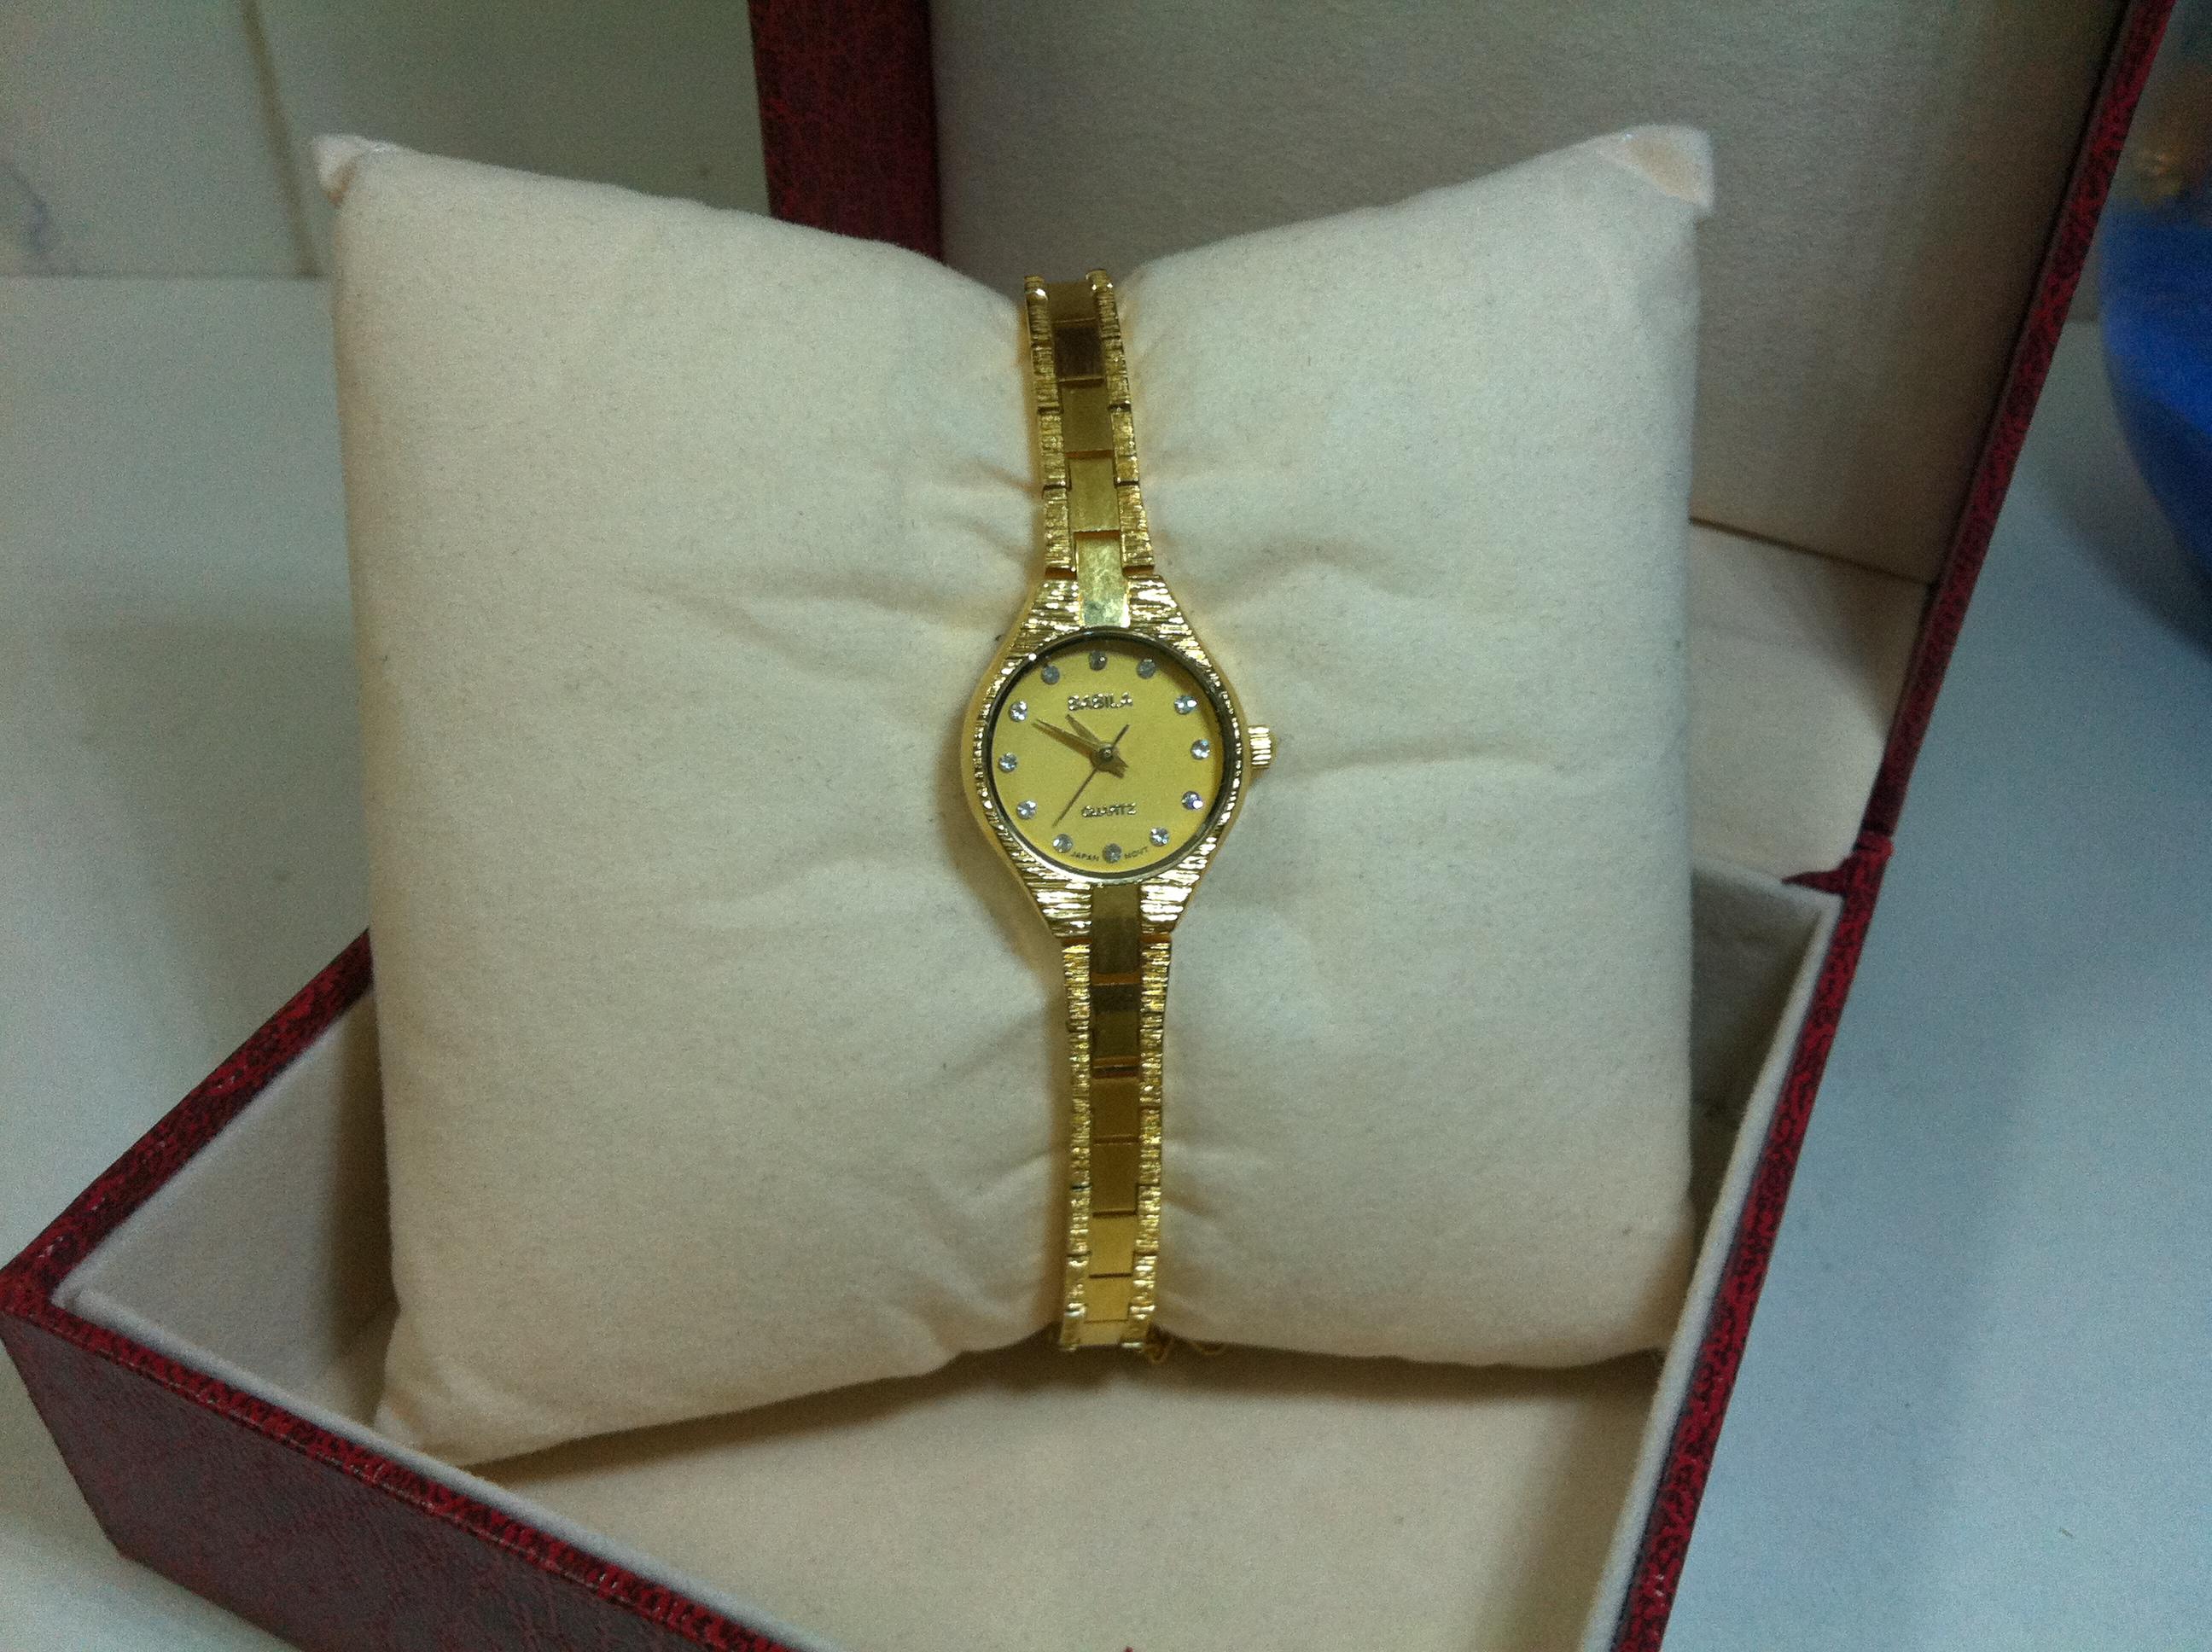 年终特价手表出售正品BABILA 圆形手链小表盘镀金石英水钻女表403